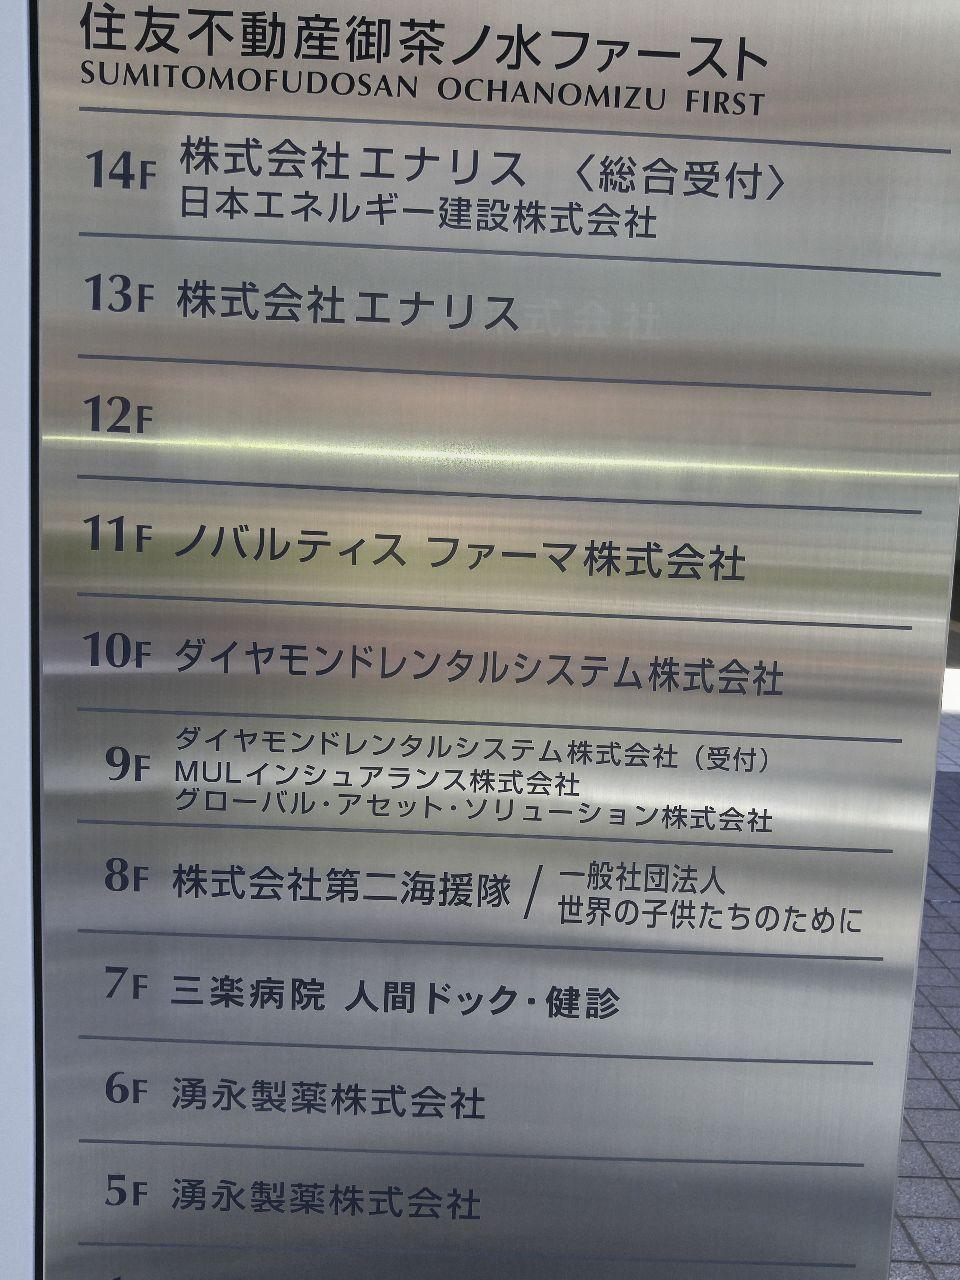 6079 - (株)エナリス 間もなく エナリス台風が日本上陸